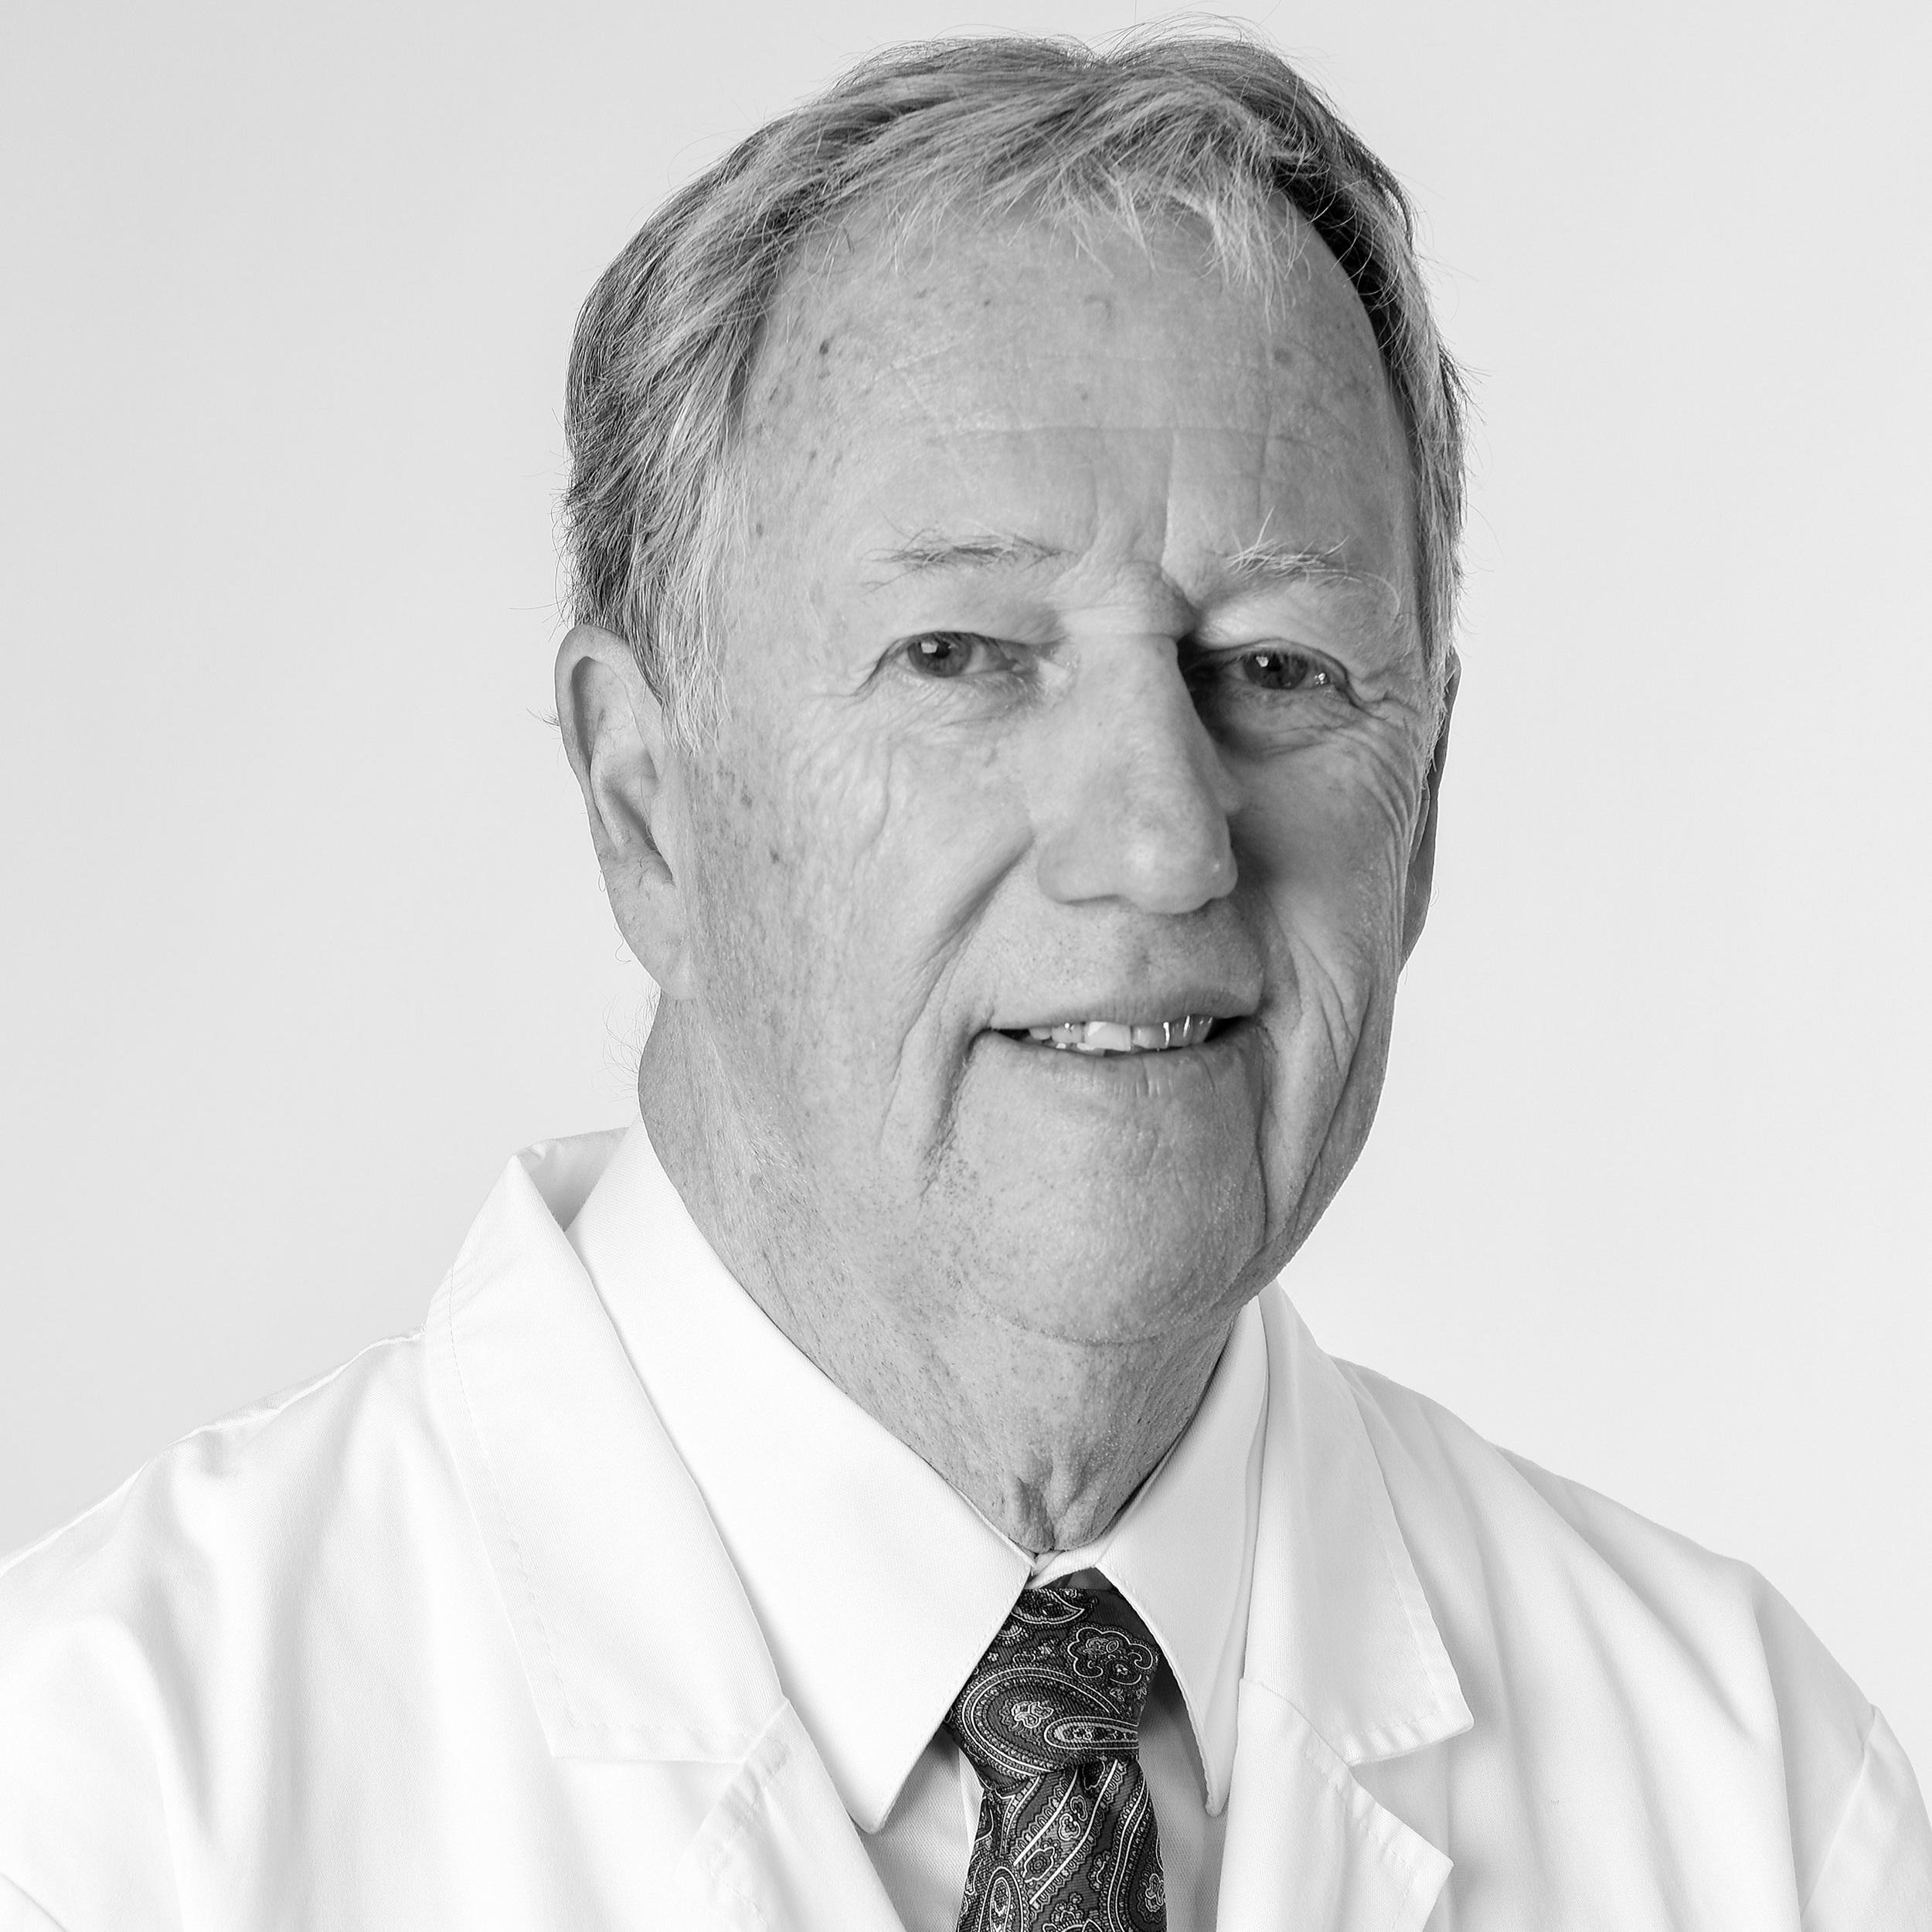 Dr. Ernie Lavorini